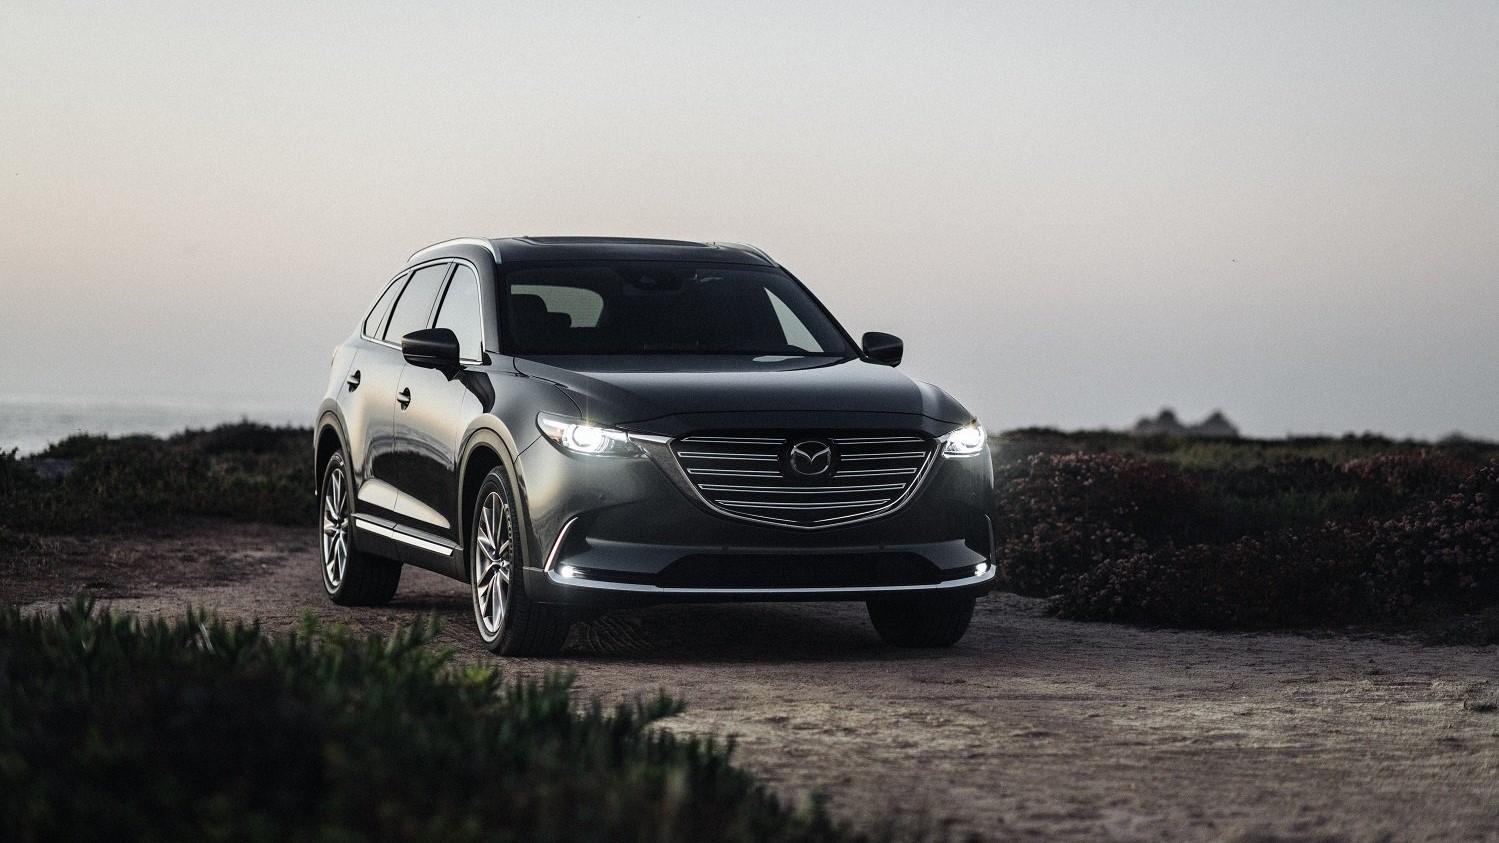 La Mazda CX-9 destaca por su cabina con materiales de primer nivel